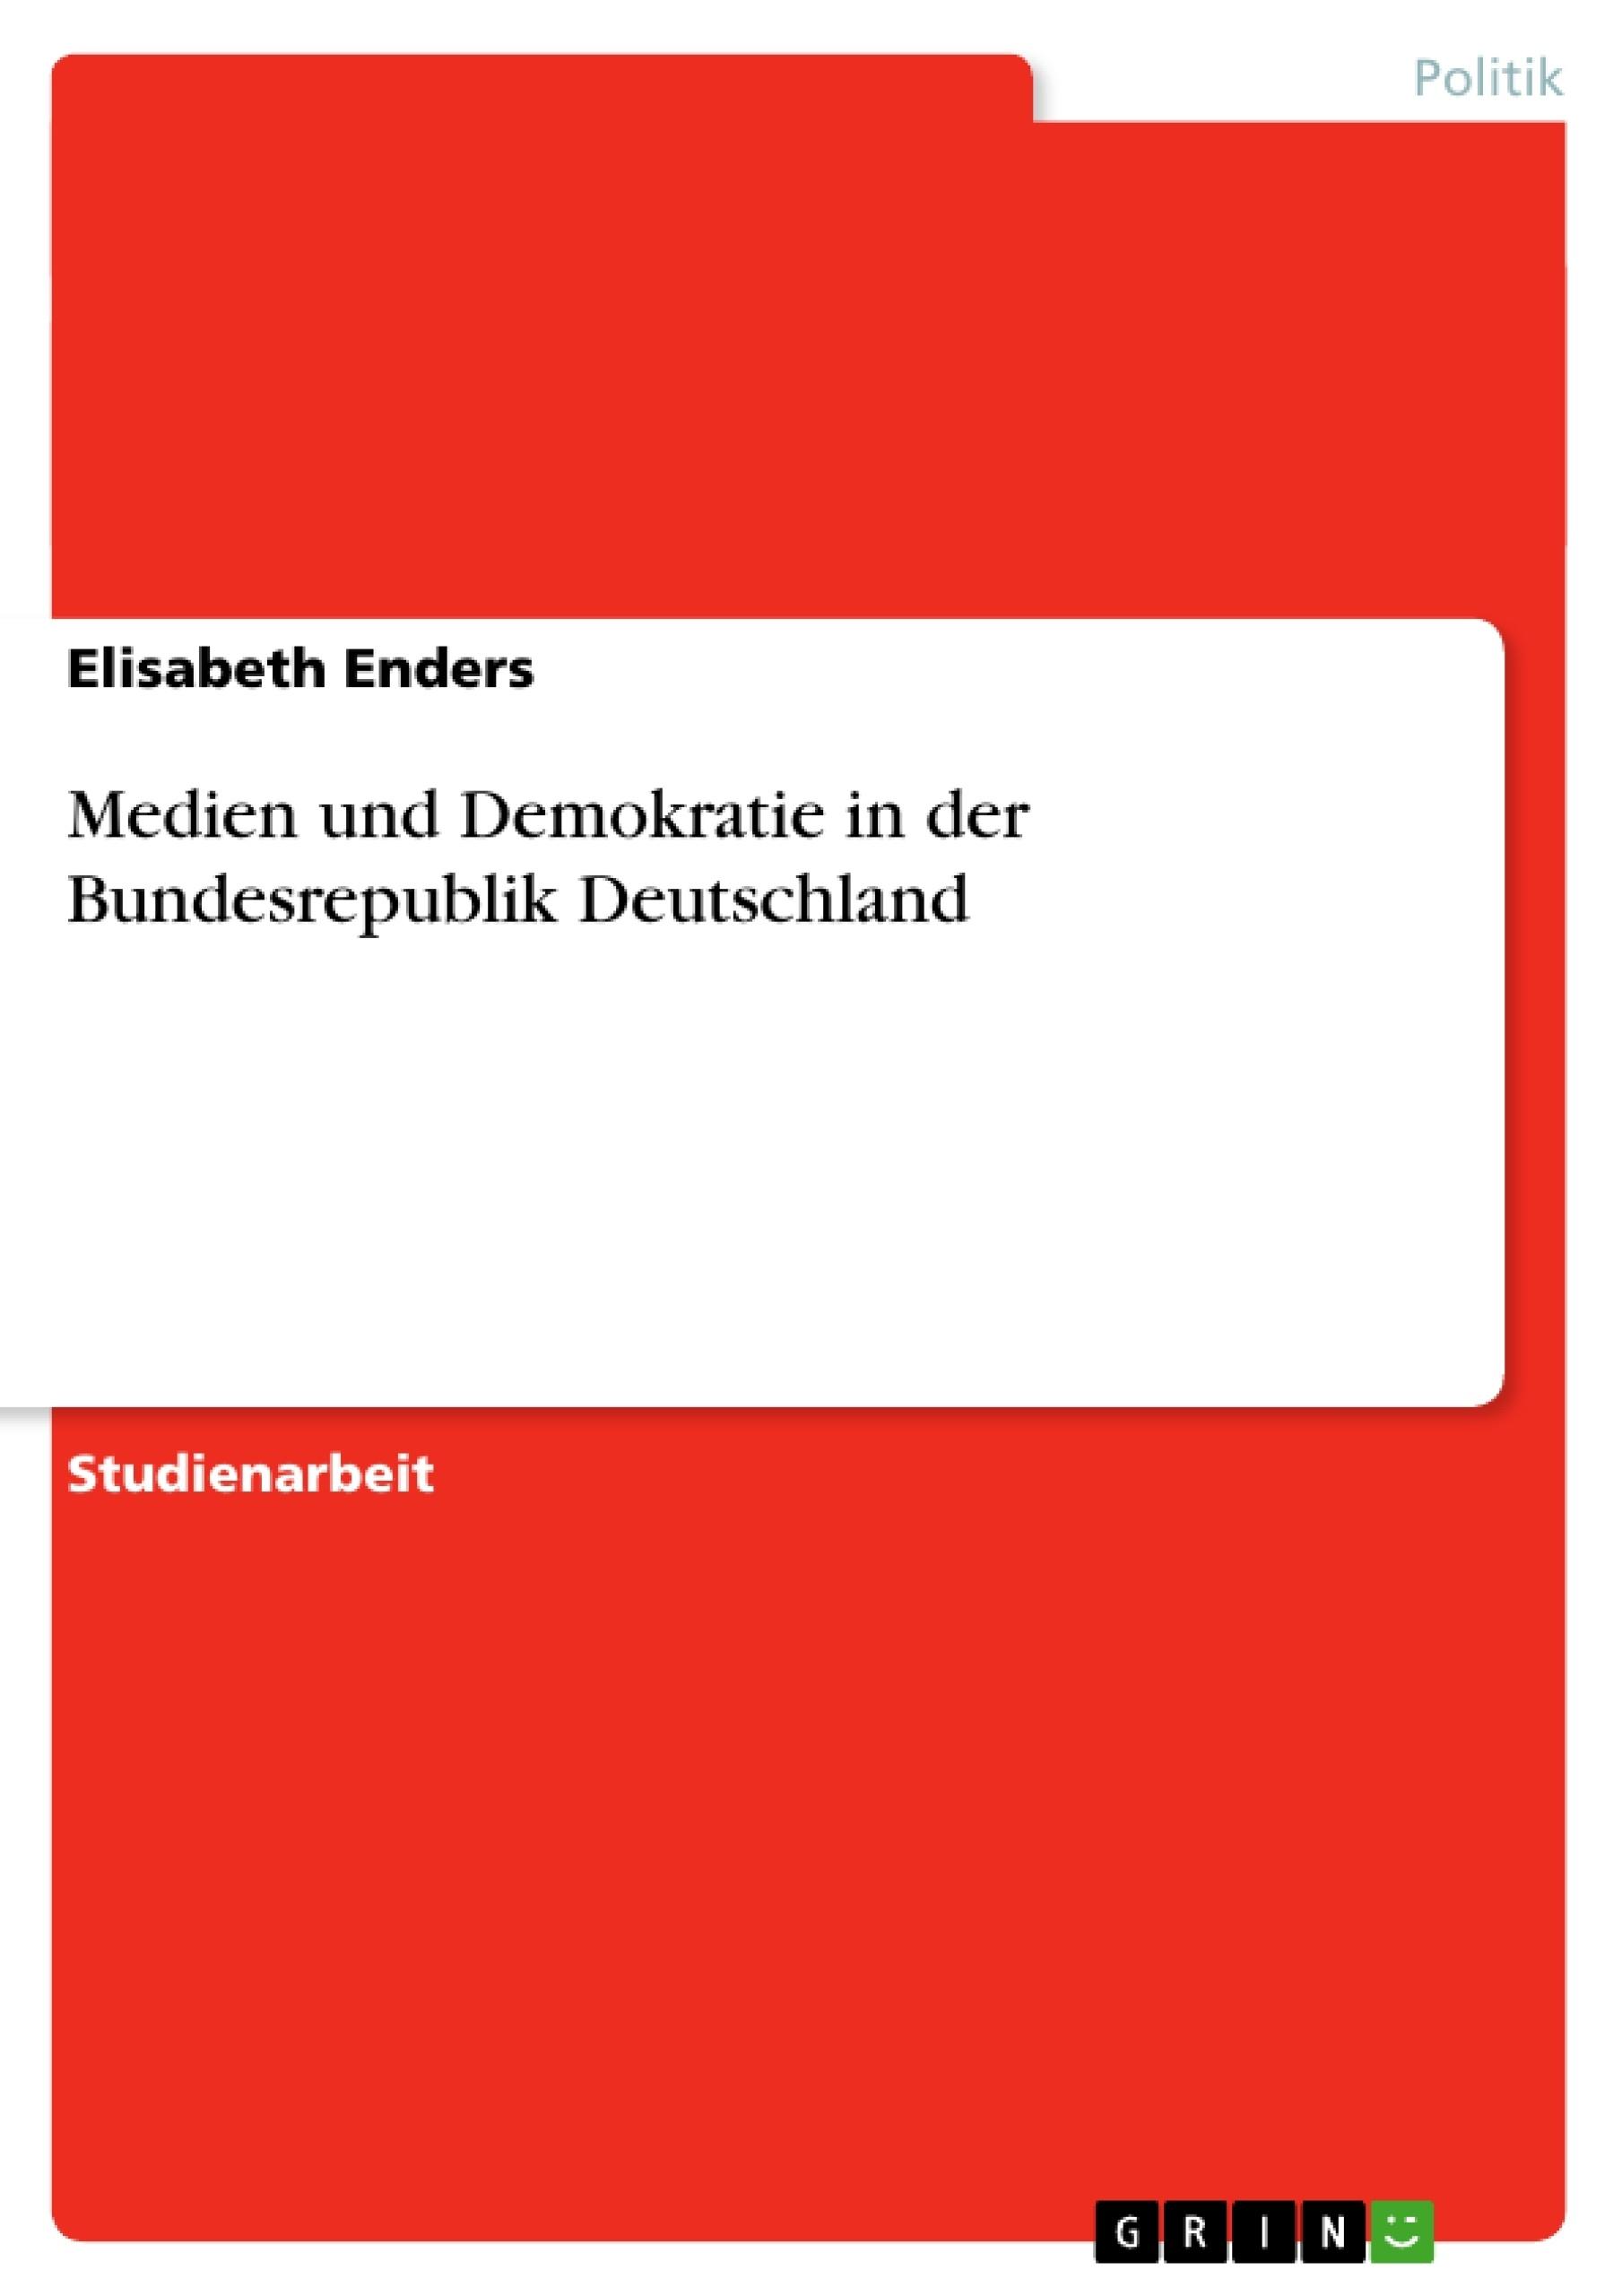 Titel: Medien und Demokratie in der Bundesrepublik Deutschland